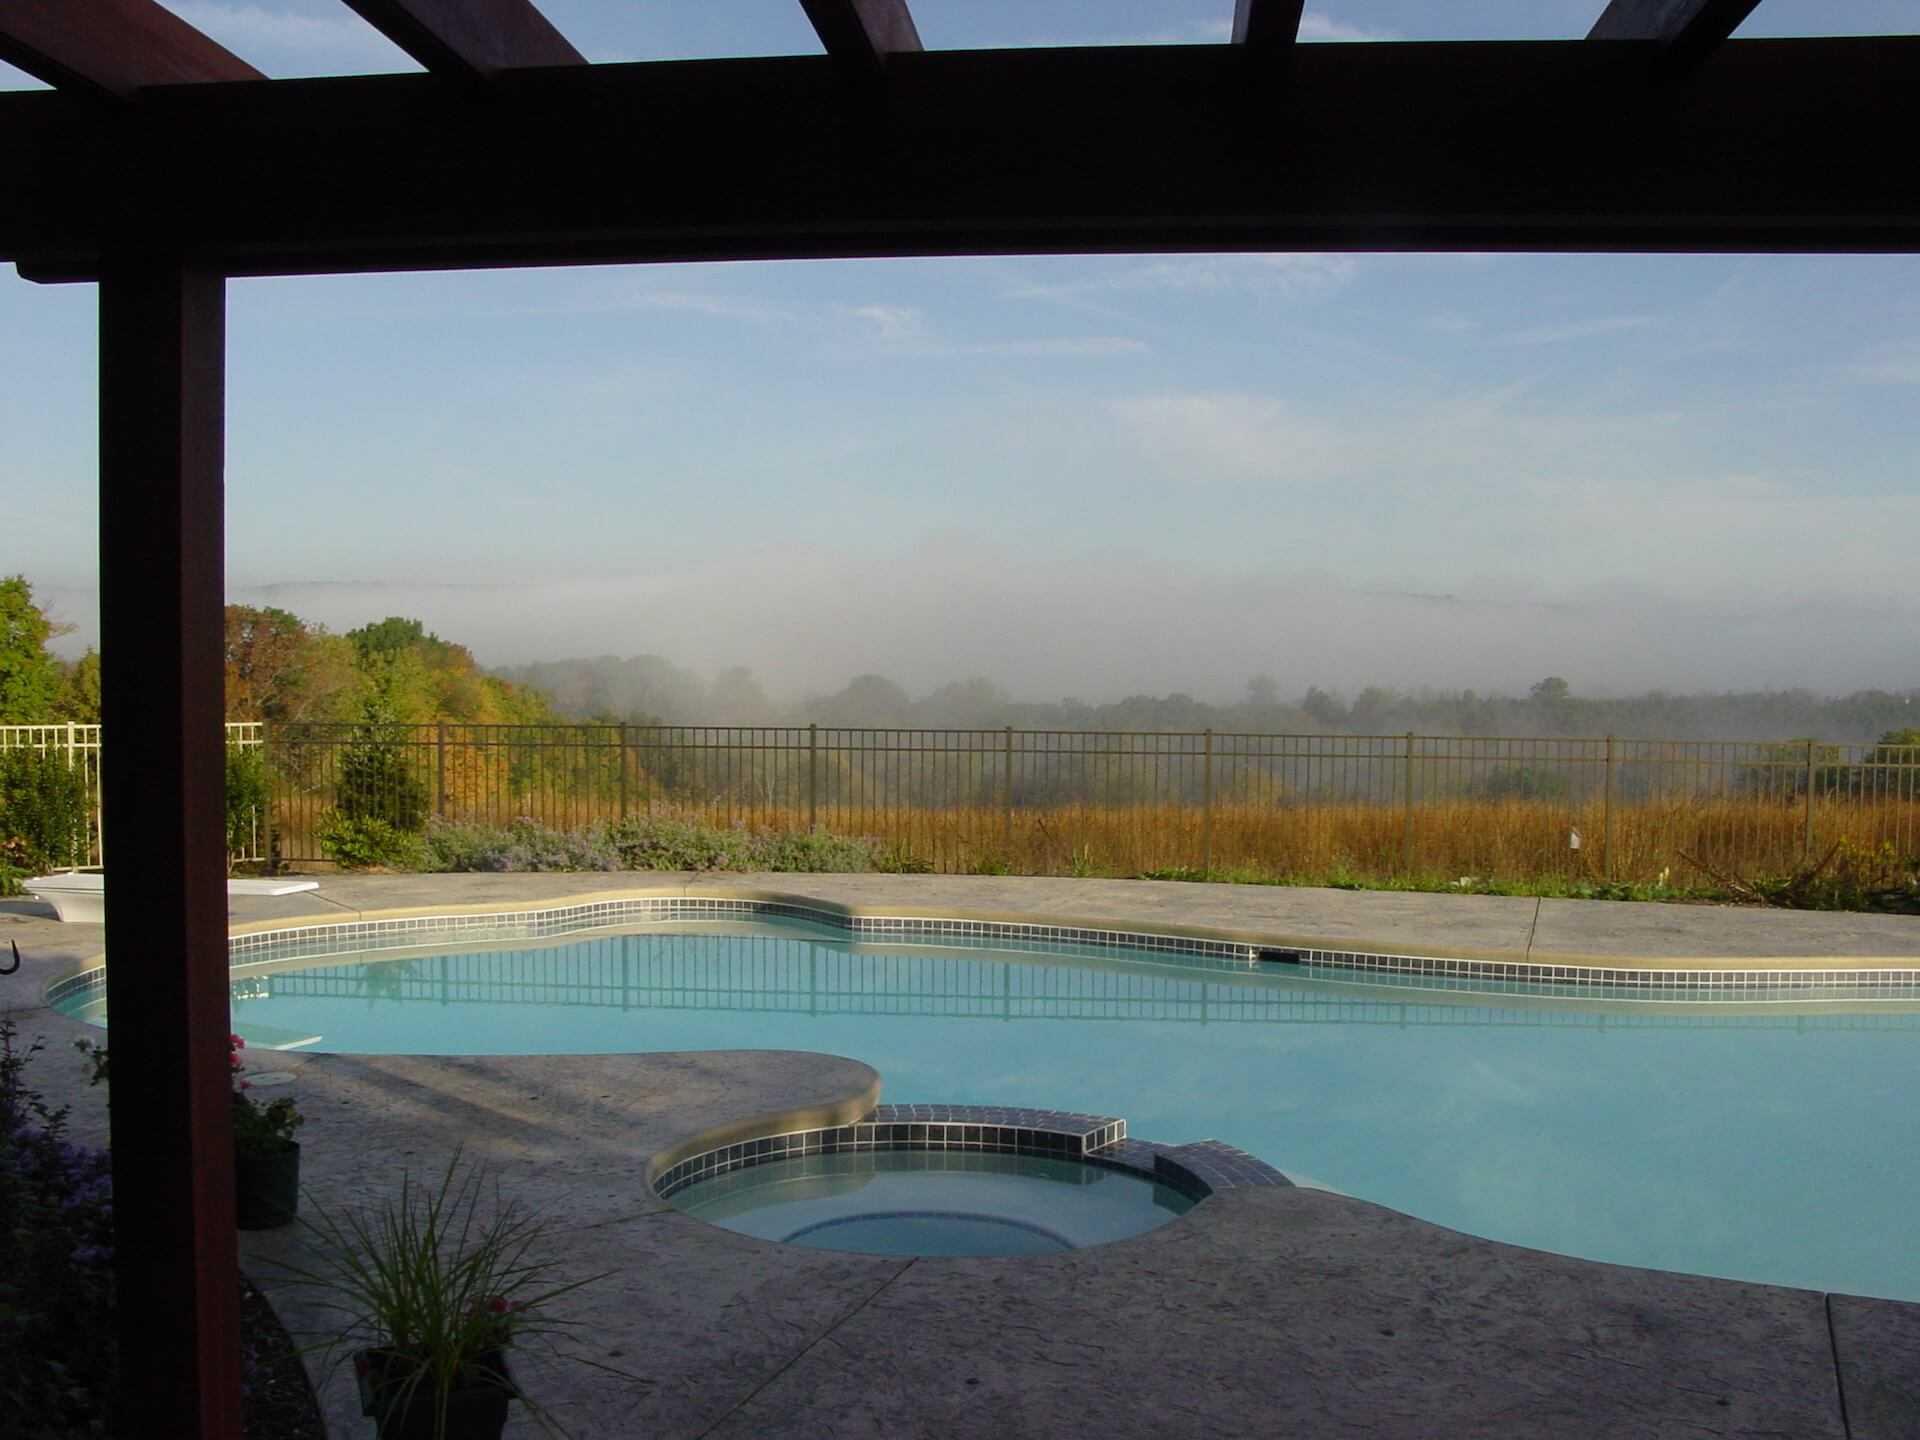 mist meadow behind the pool